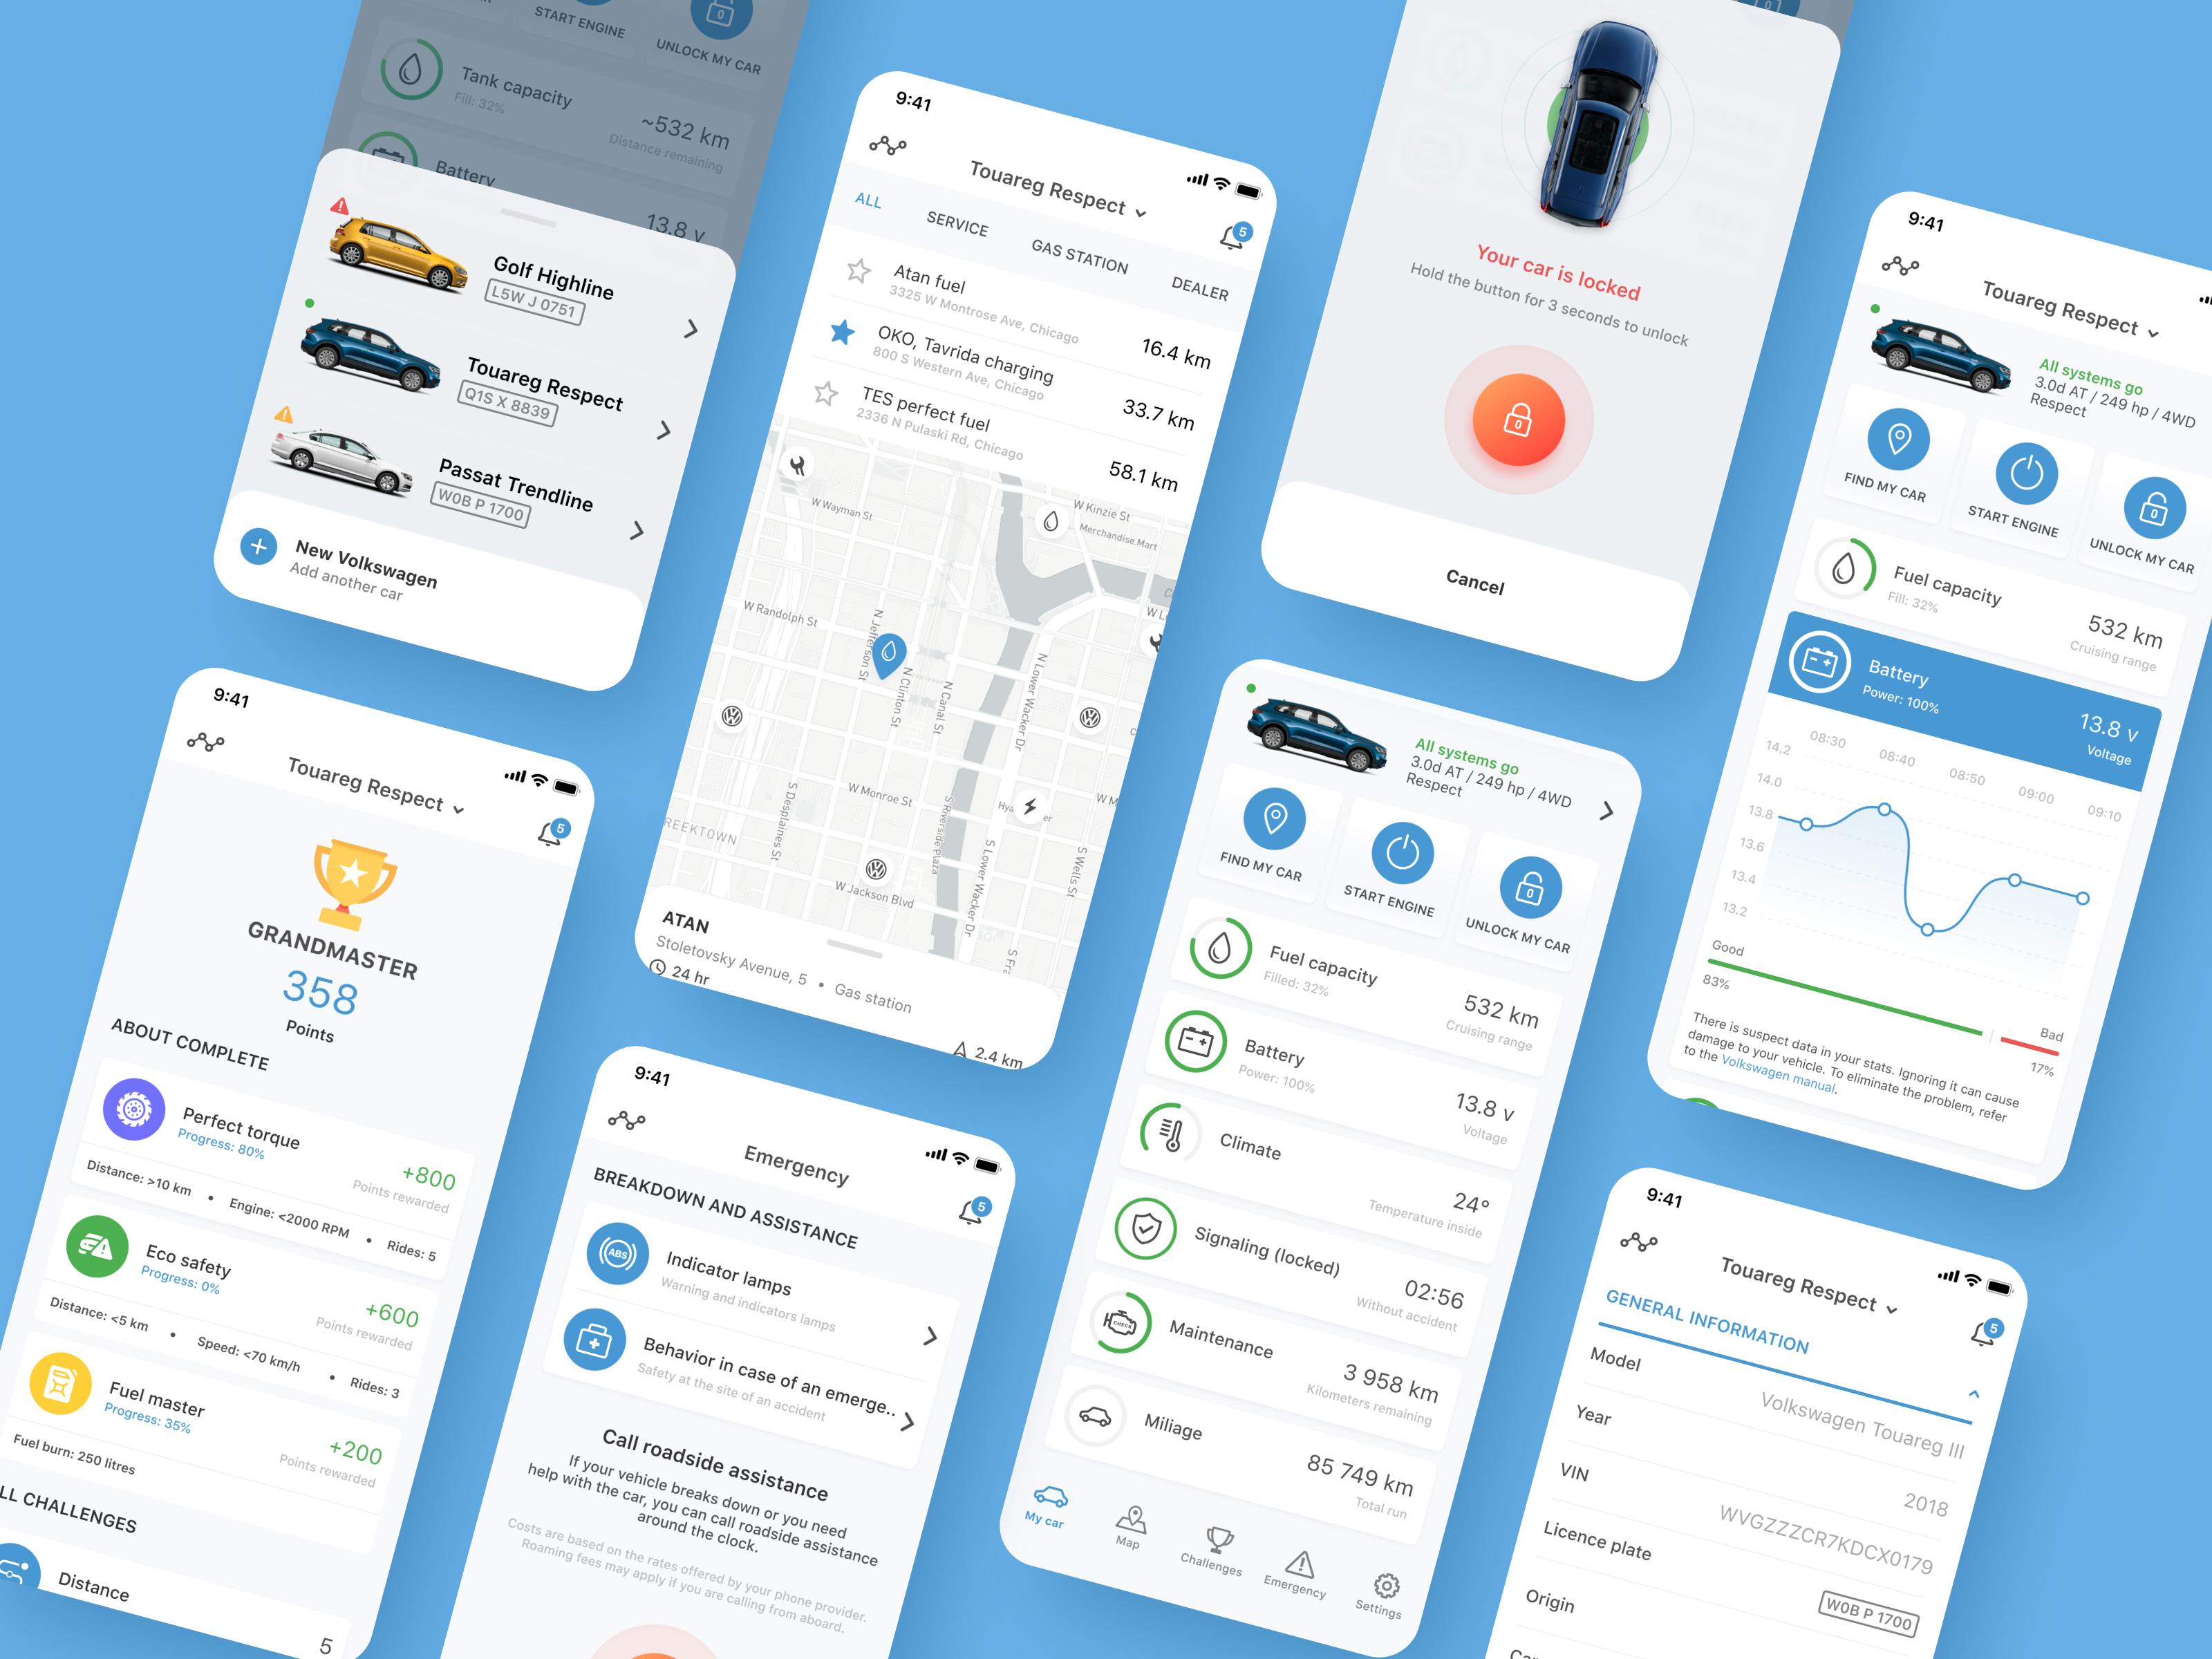 Volkswagen App Redesign